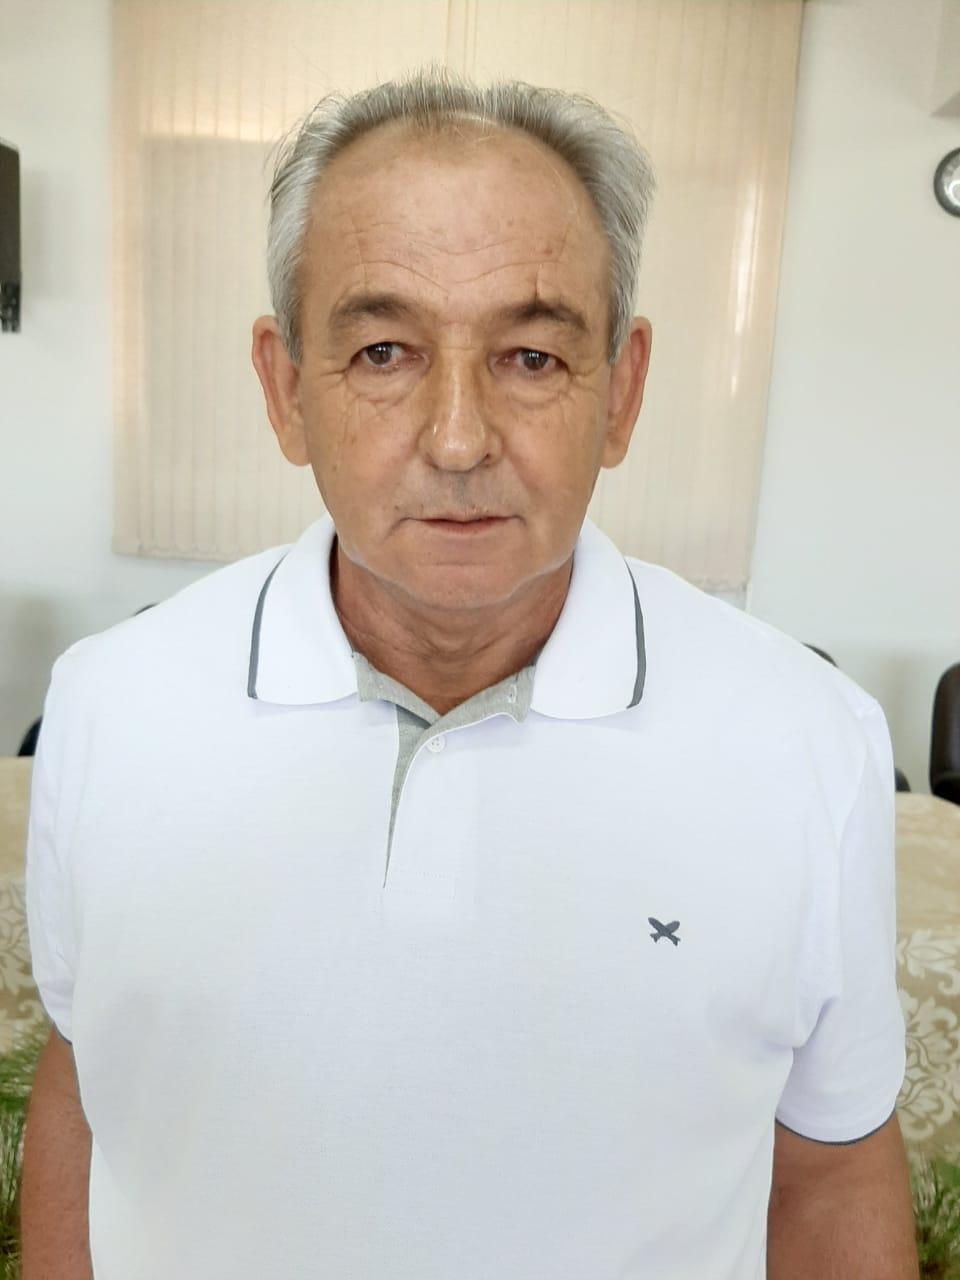 Vicente José da Silva